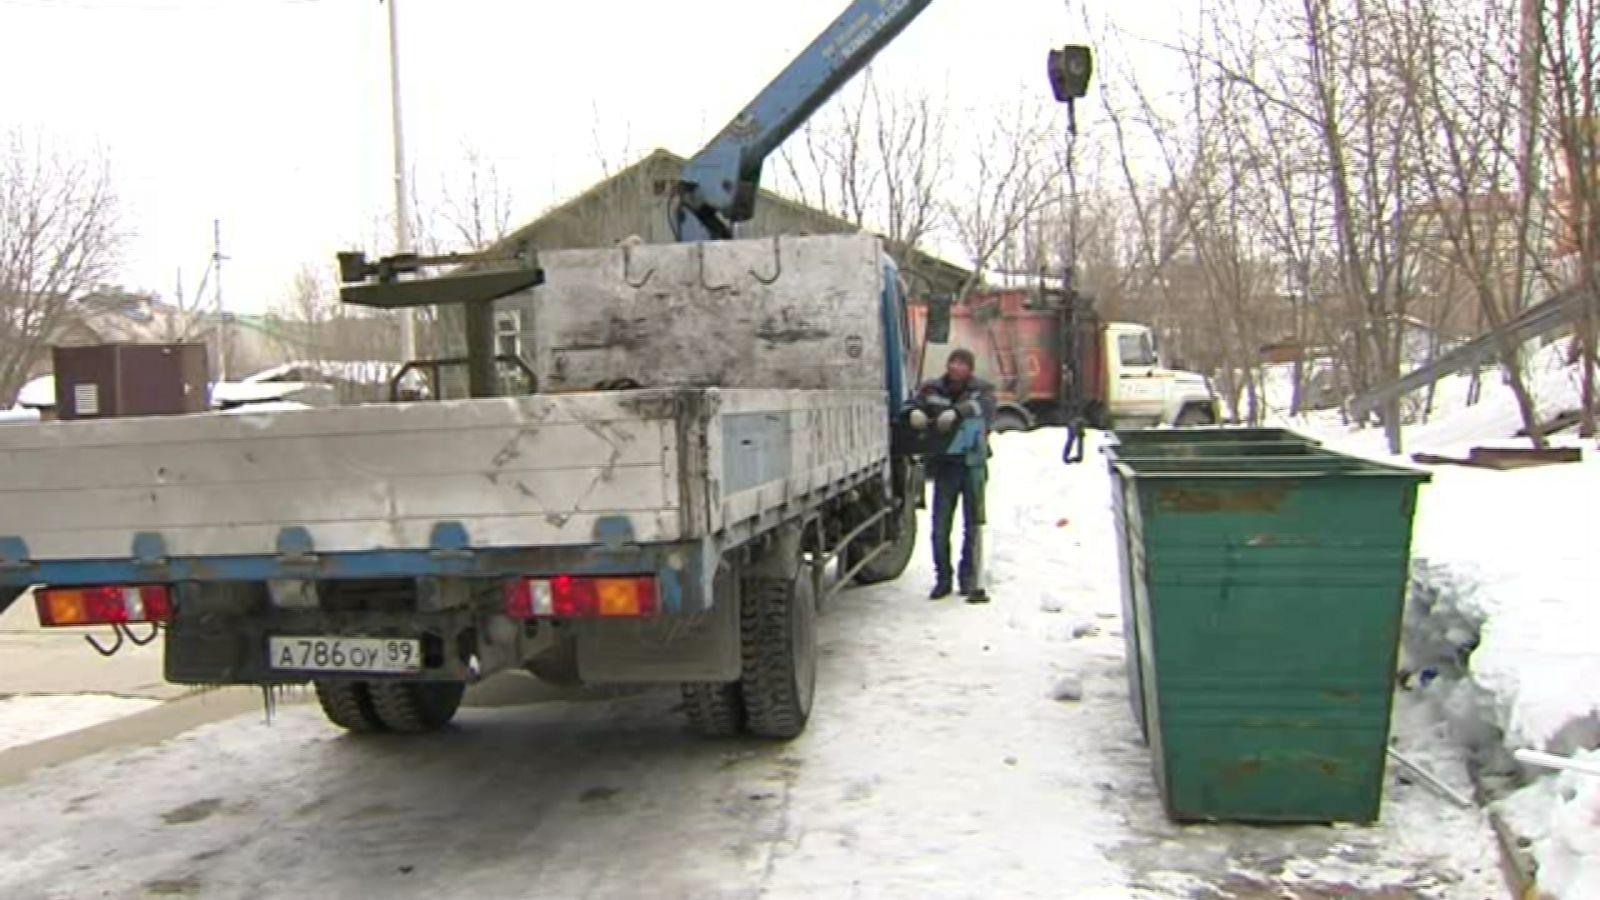 Из-за сильных морозов в Тарко-Сале возникли проблемы с вывозом мусора